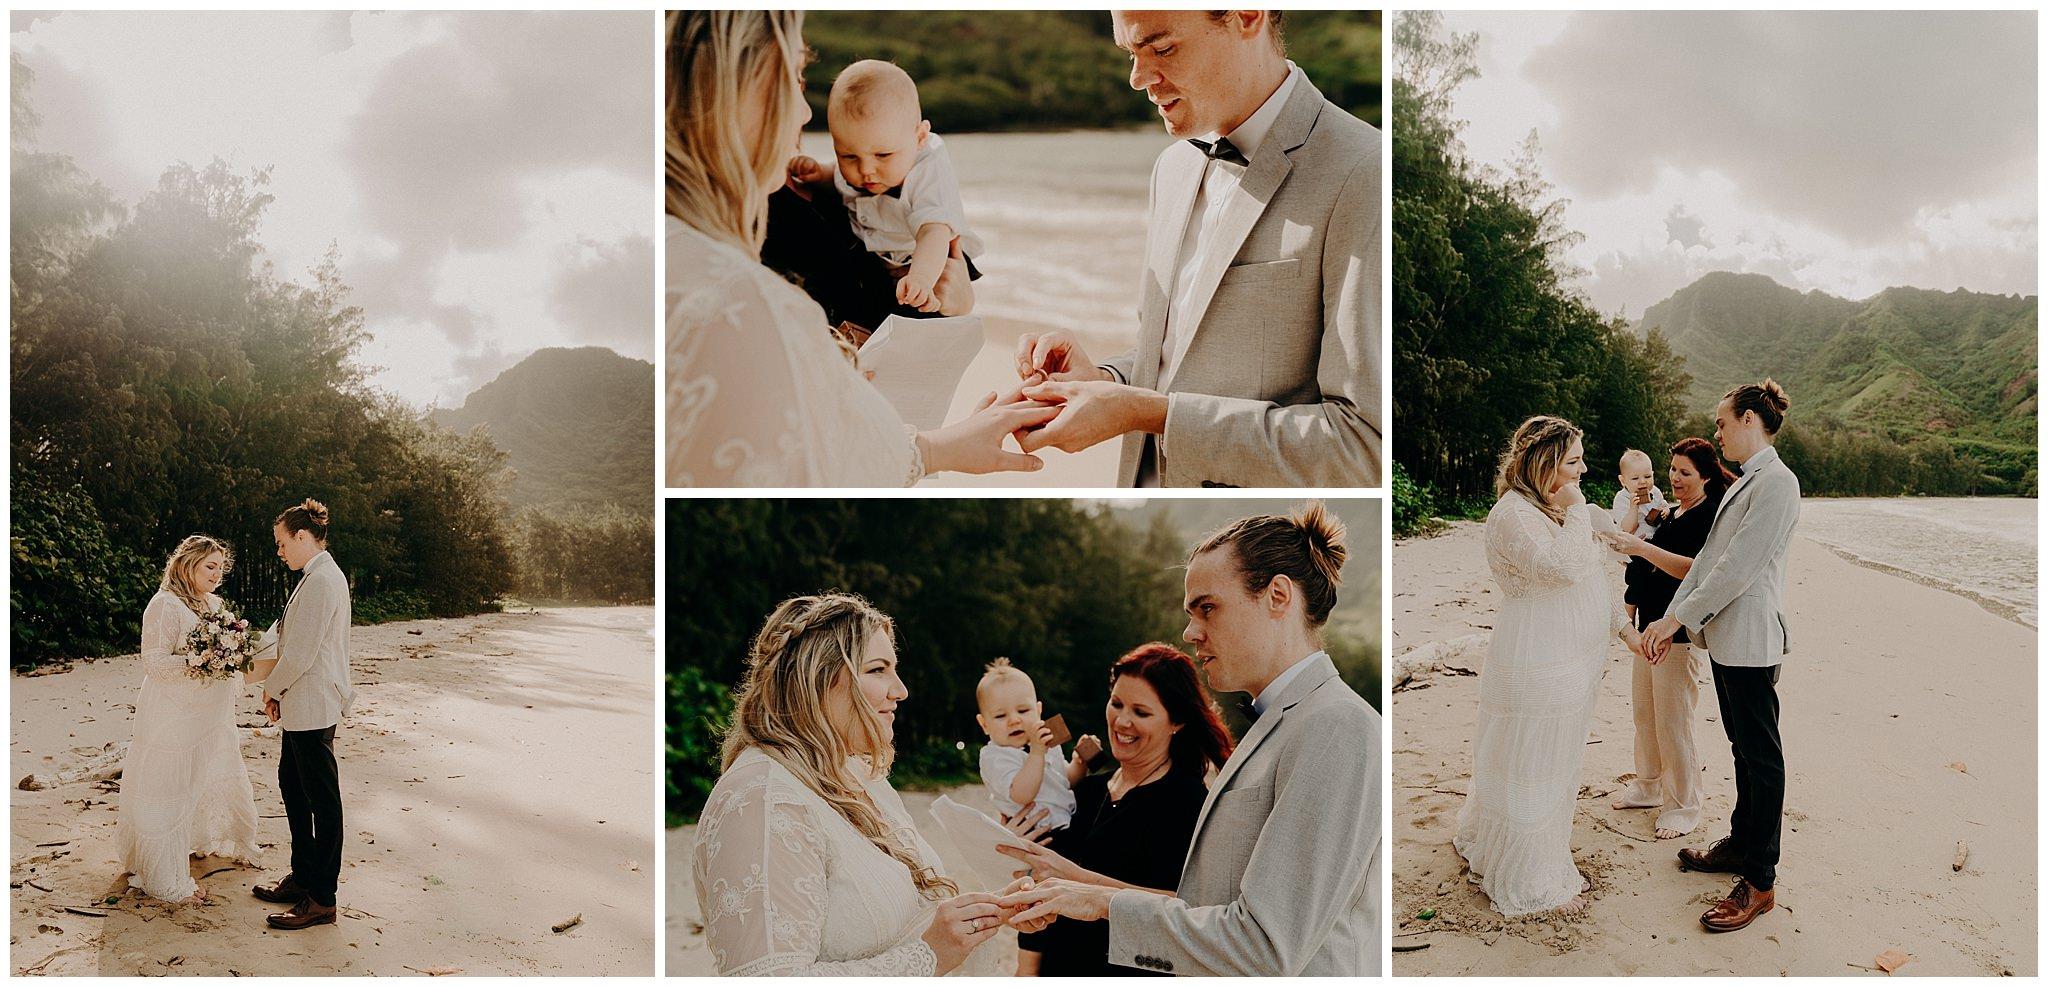 oahu-elopement-photographer15.jpg